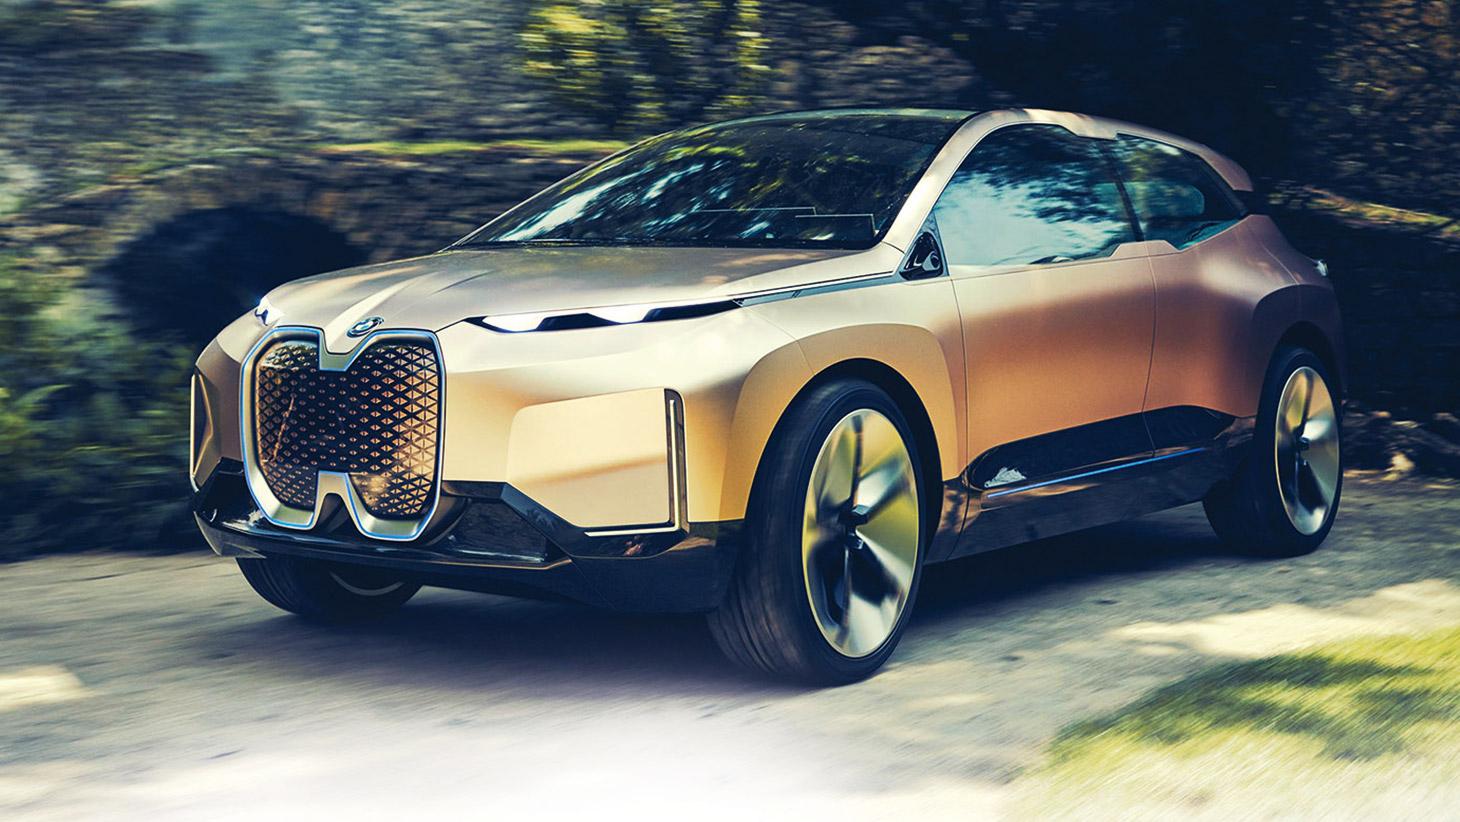 El vehículo autónomo de la próxima generación será una creación de la asociación entre BMW y ANSYS